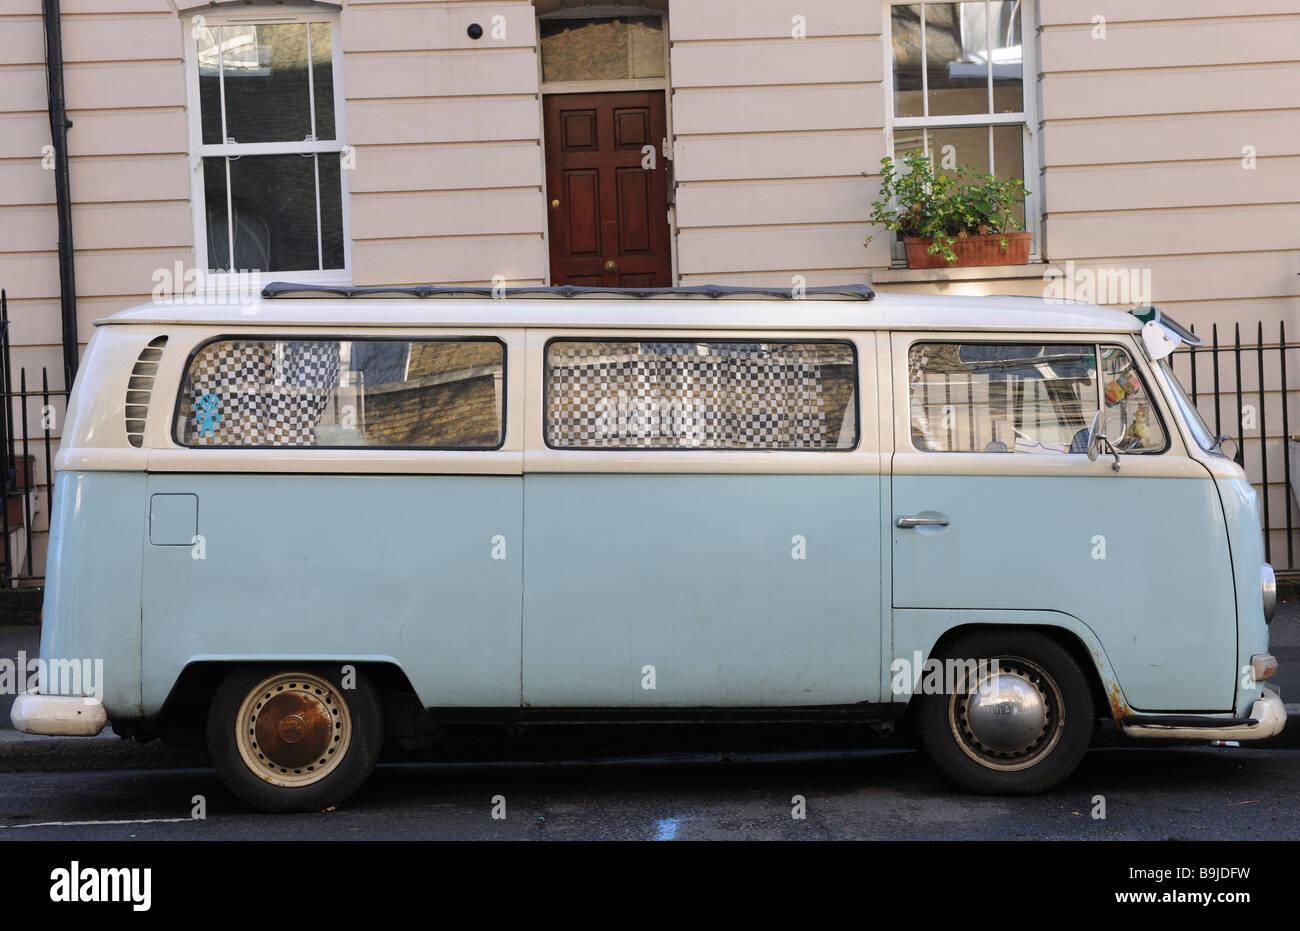 Imagen tomada de un Volkswagen camper aparcado en la calle en Londres. Foto de stock